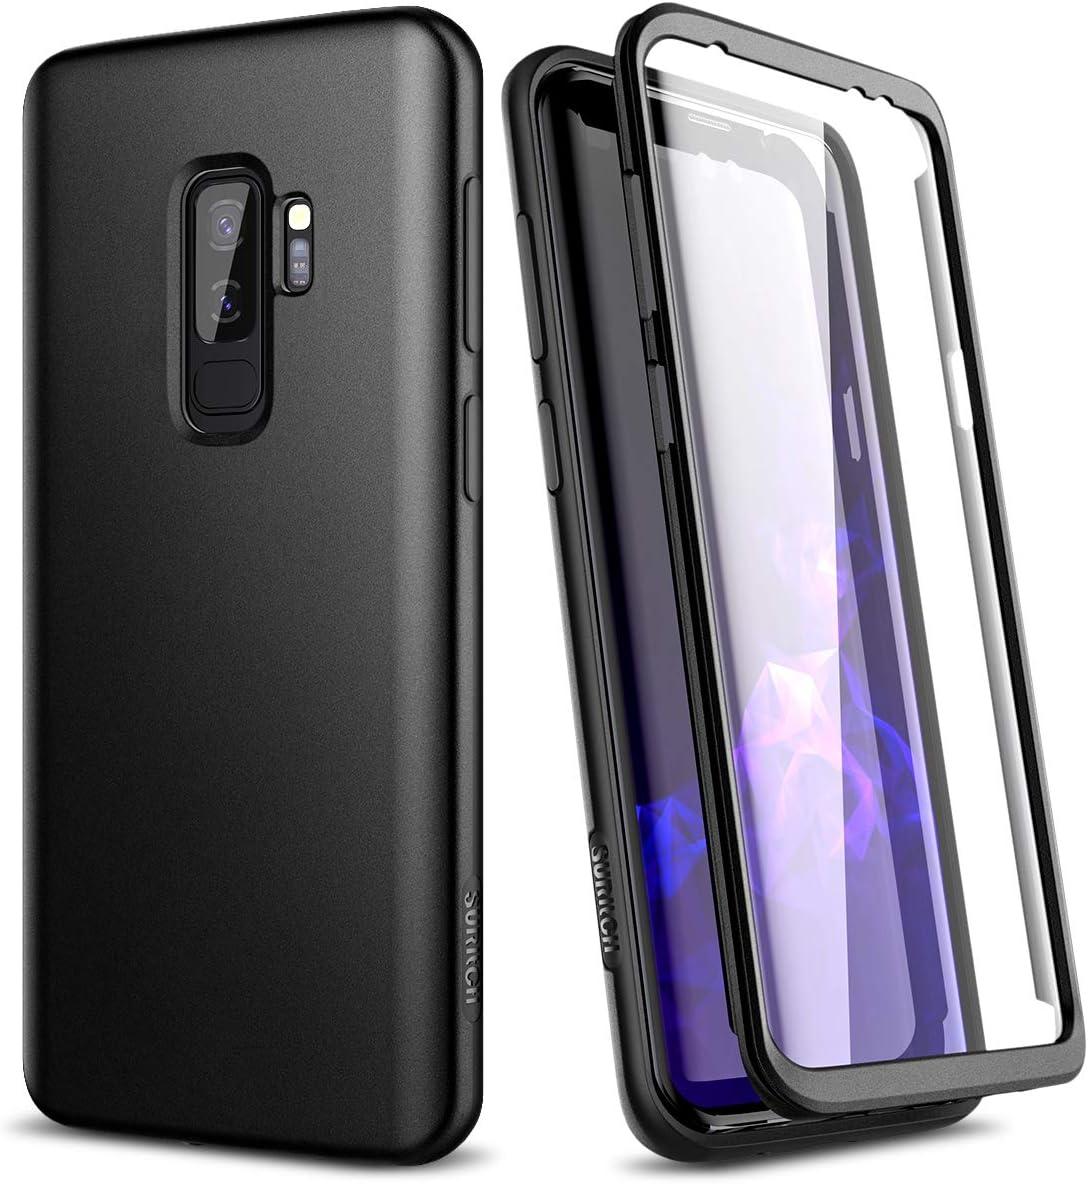 SURITCH Funda para Samsung Galaxy S9 Plus Silicona 360 Grados Bumper Flexible TPU Delantera y Trasera Irrompible Caso Carcasa Samsung Galaxy S9 Plus: Amazon.es: Electrónica